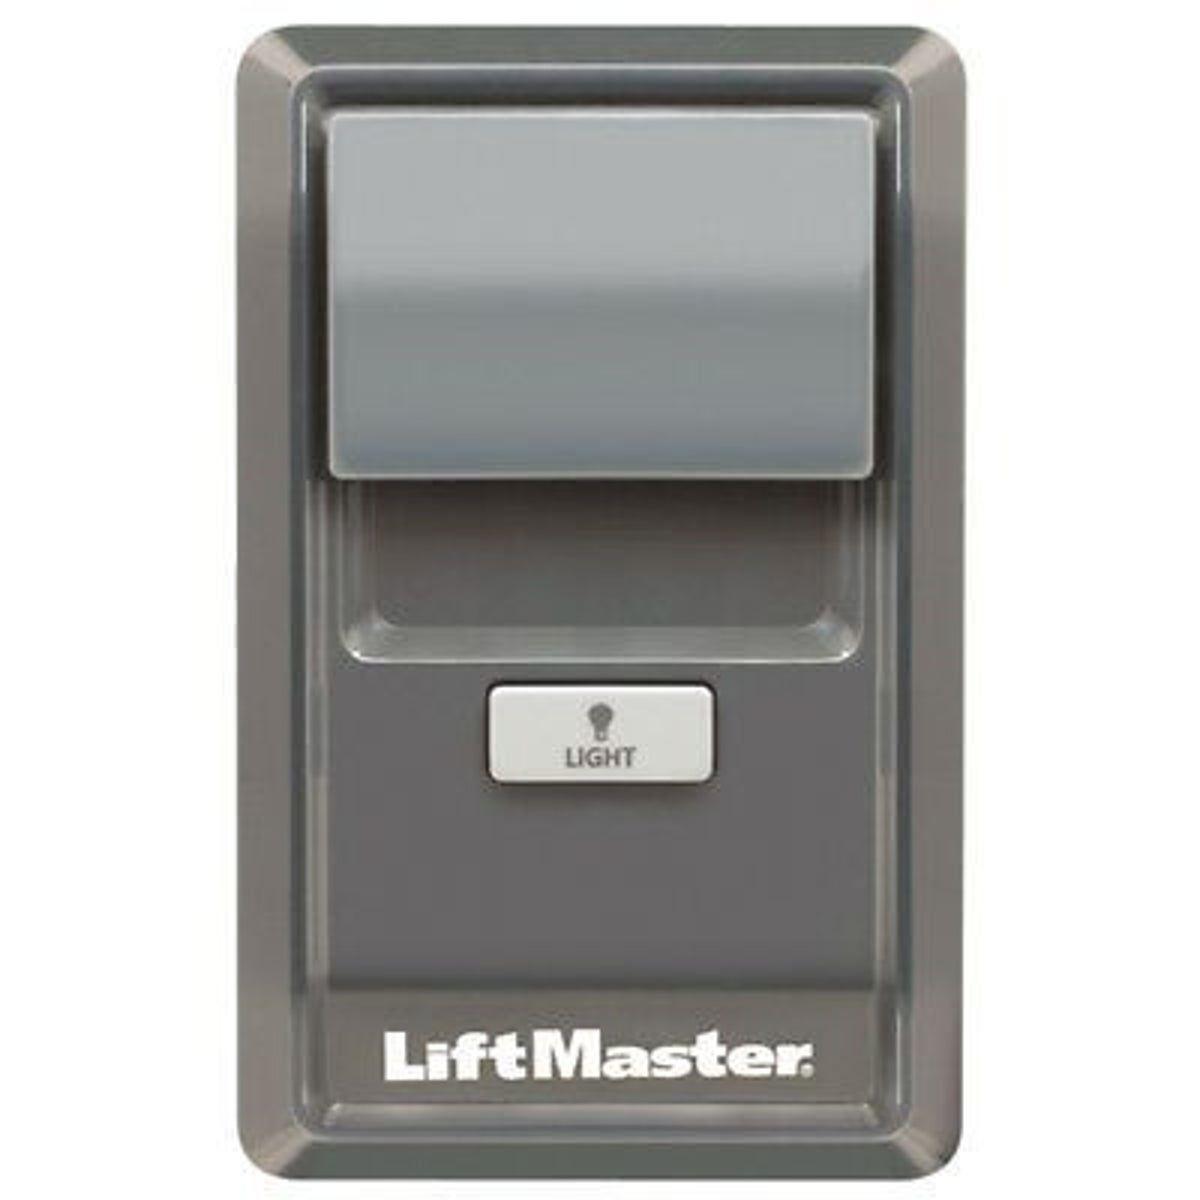 882lmw Liftmaster Garage Control Panel 882lmw Control Garage Liftmaster Panel In 2020 Garage Security Liftmaster Garage Door Opener